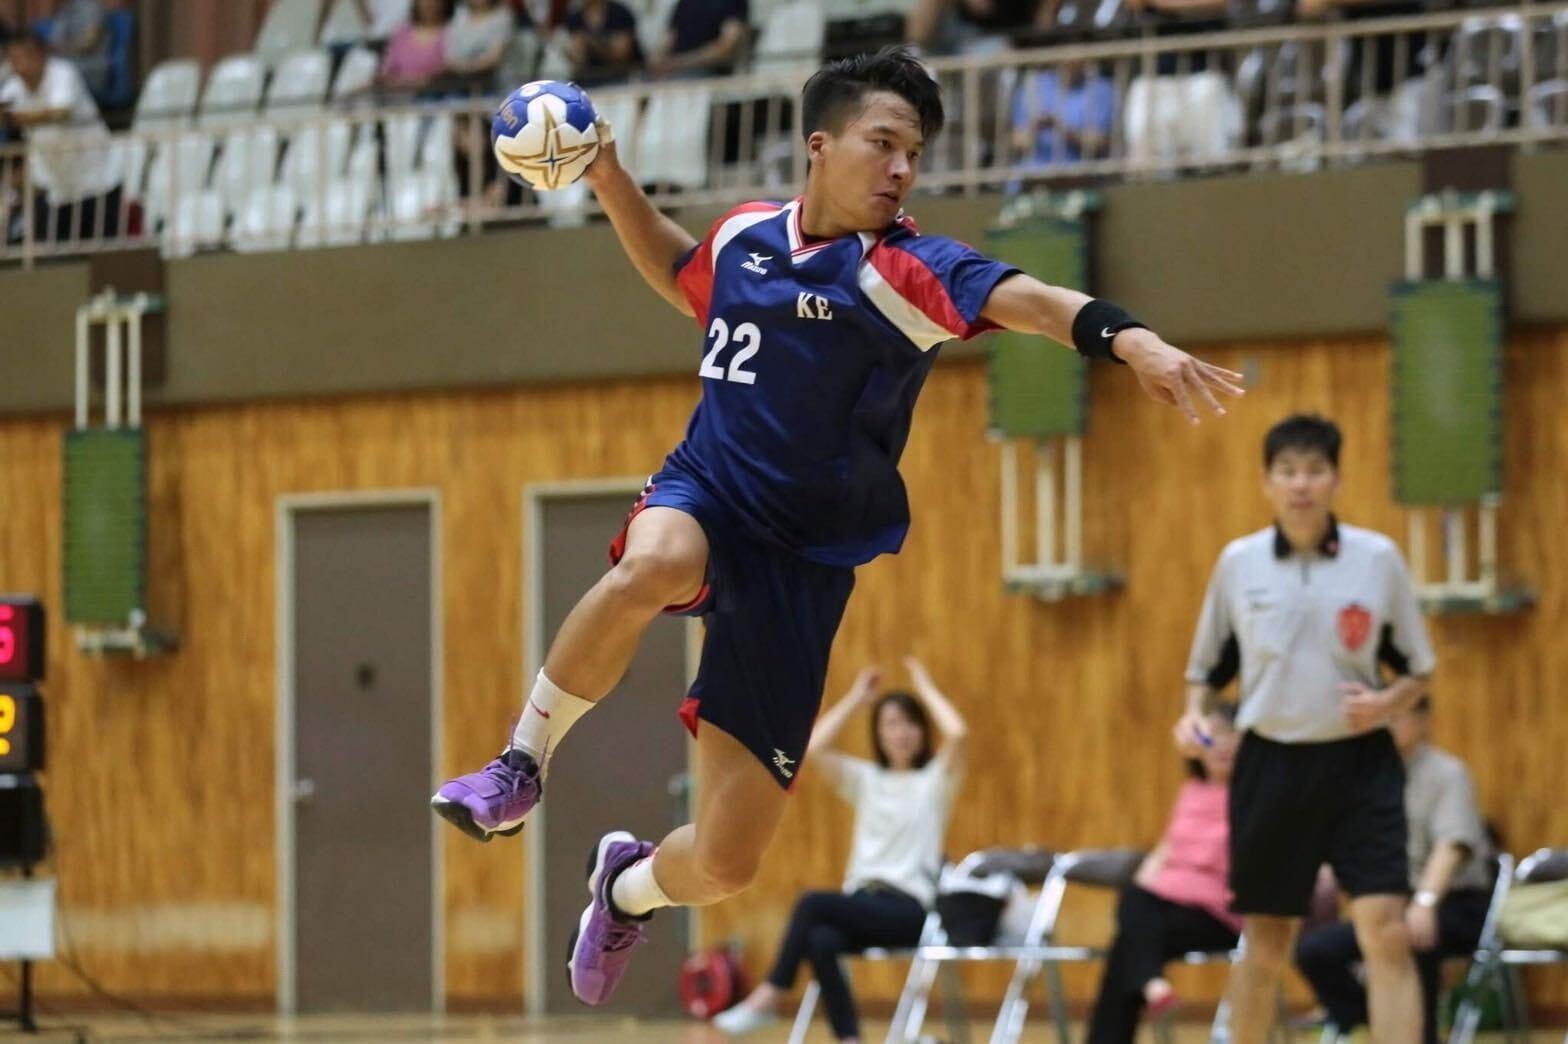 塚本清修:慶應大学 慶應体育会ハンドボール部主将